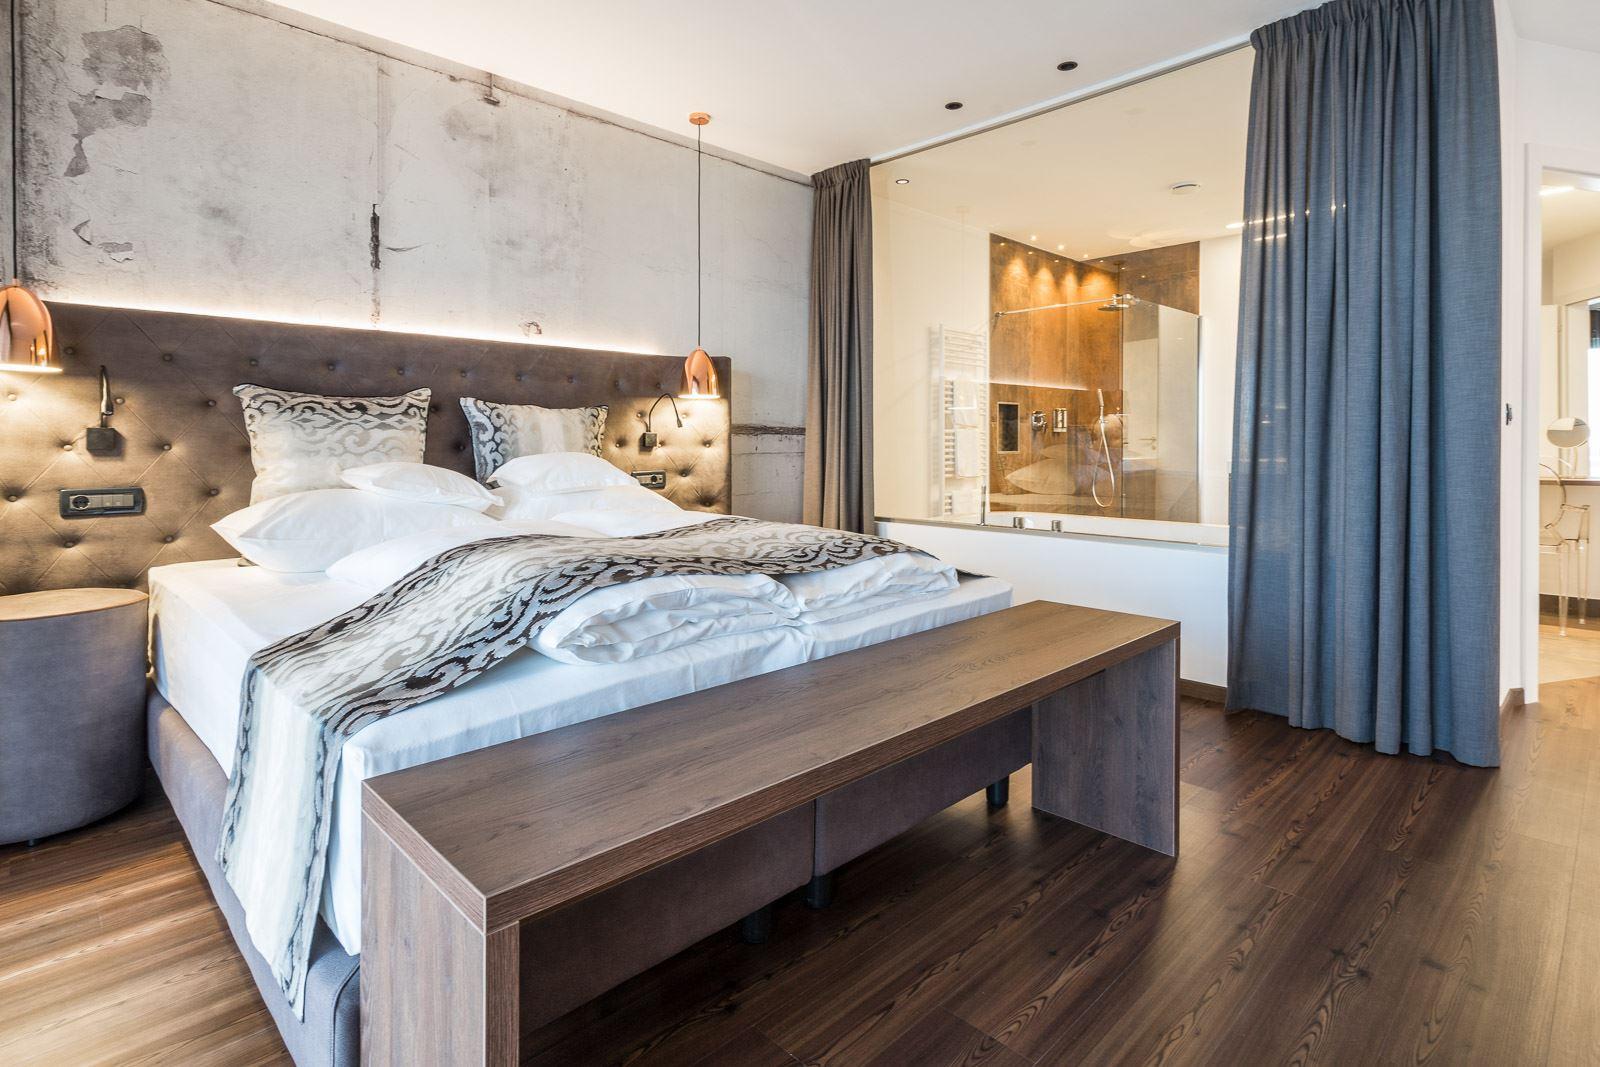 4 Sterne Hotels In Meran Visitmeran